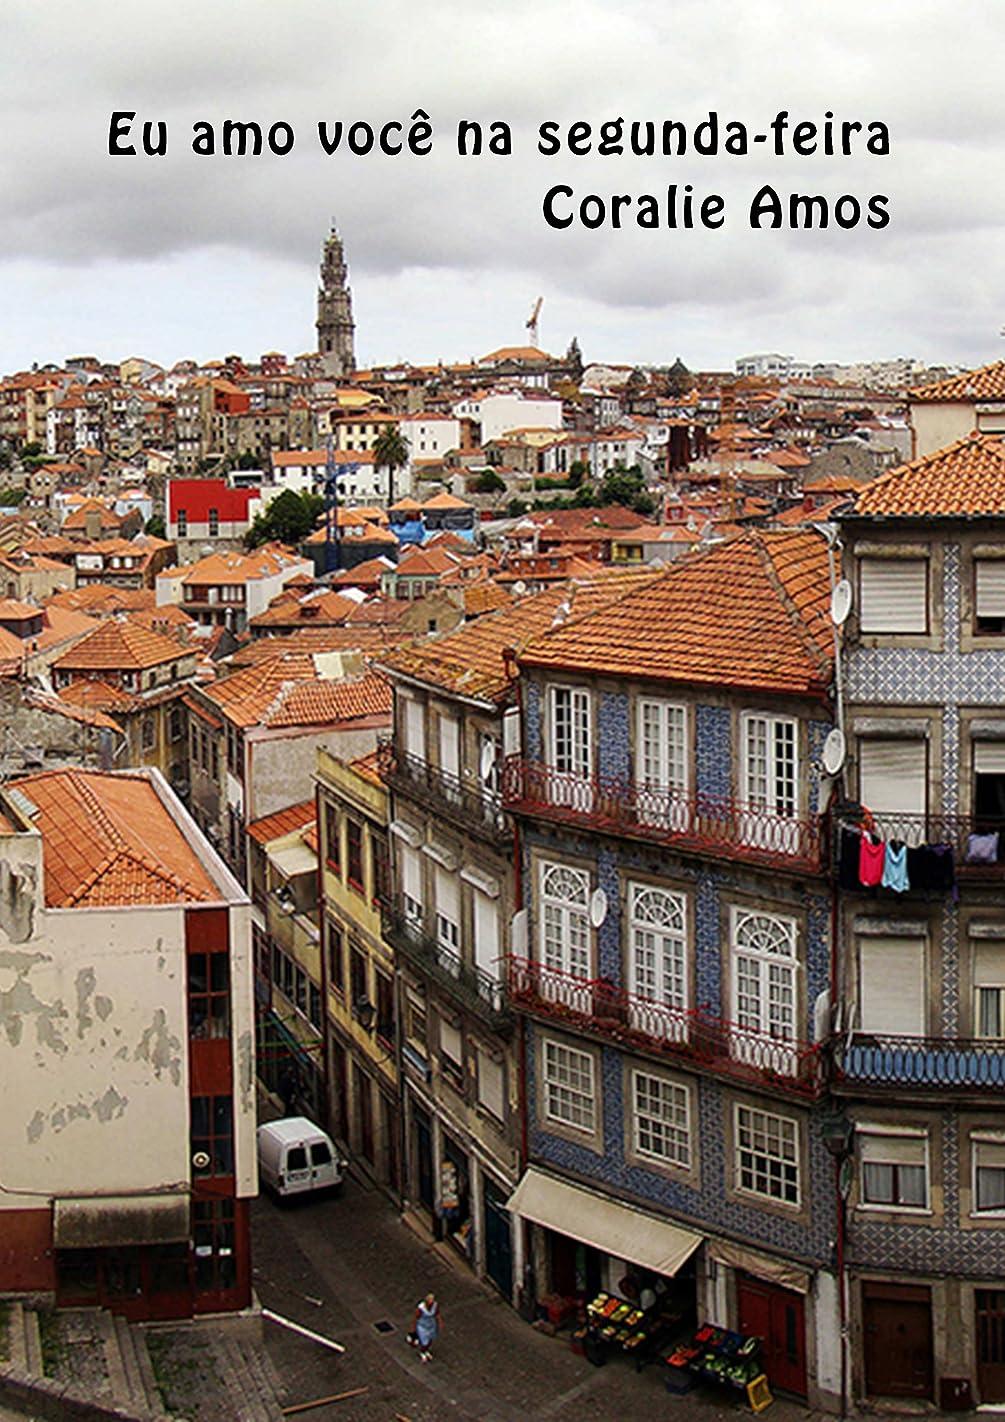 視聴者契約した折るEu amo voce na segunda-feira (Portuguese Edition)